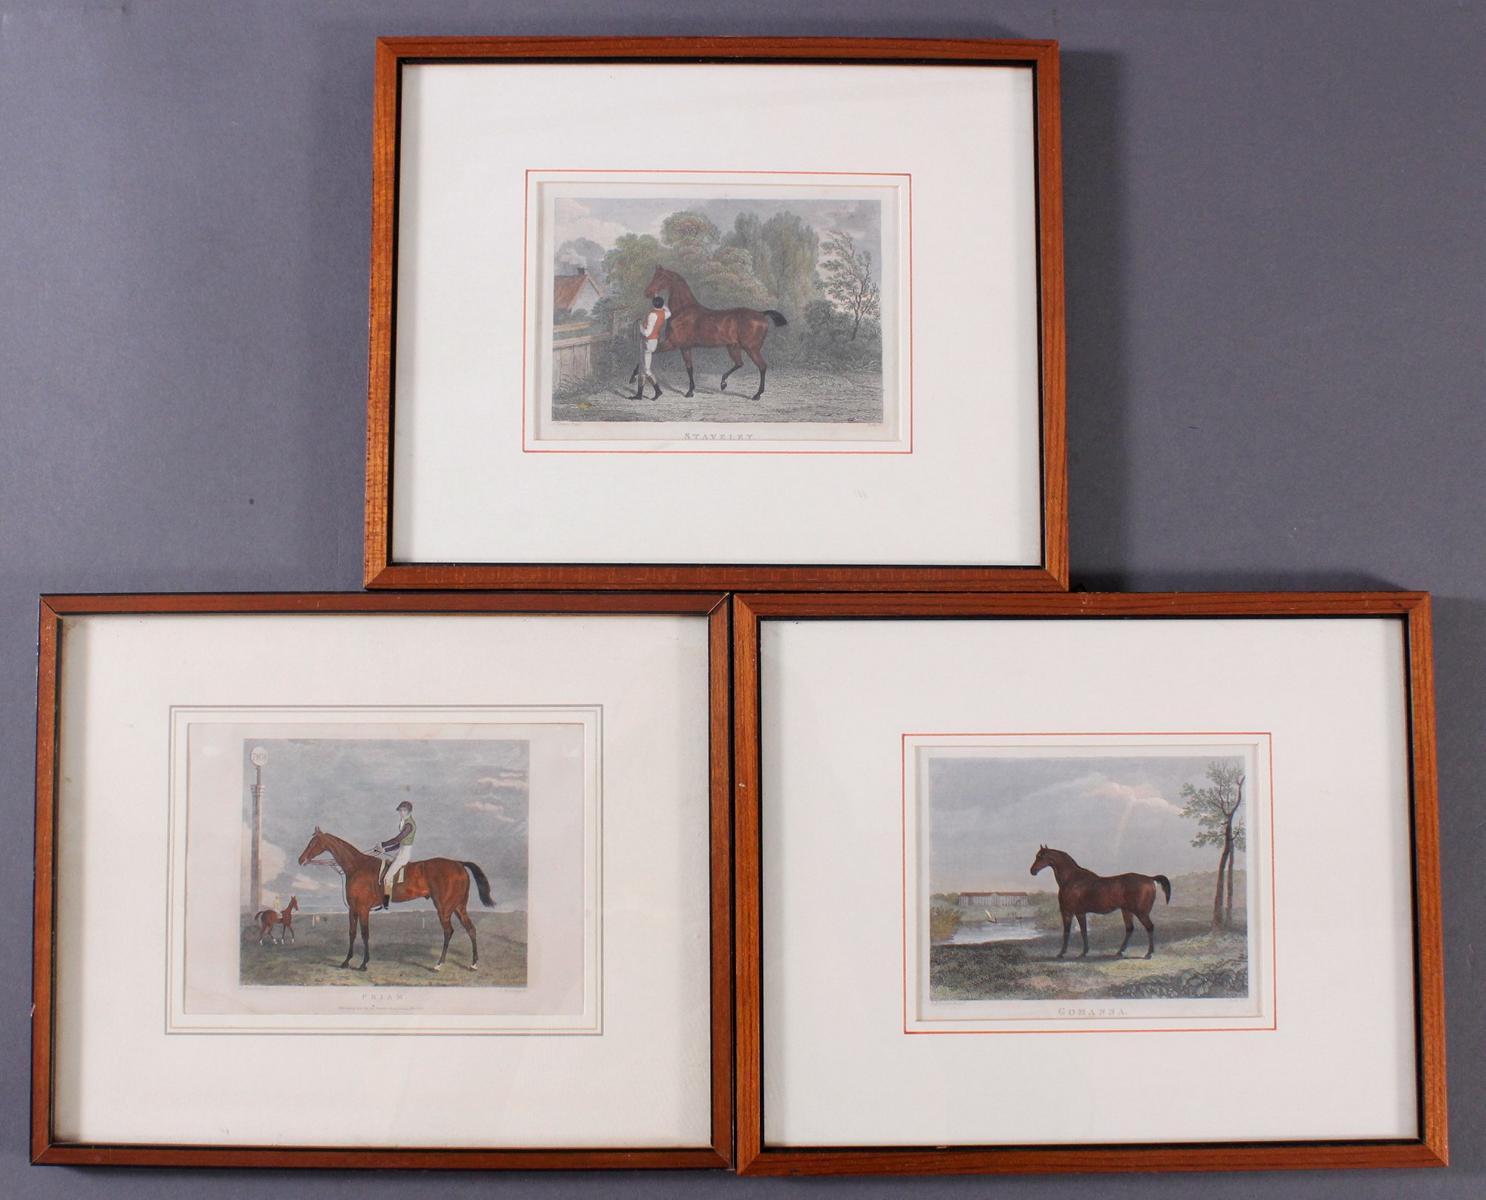 Drei Lithographien zum Thema Pferde